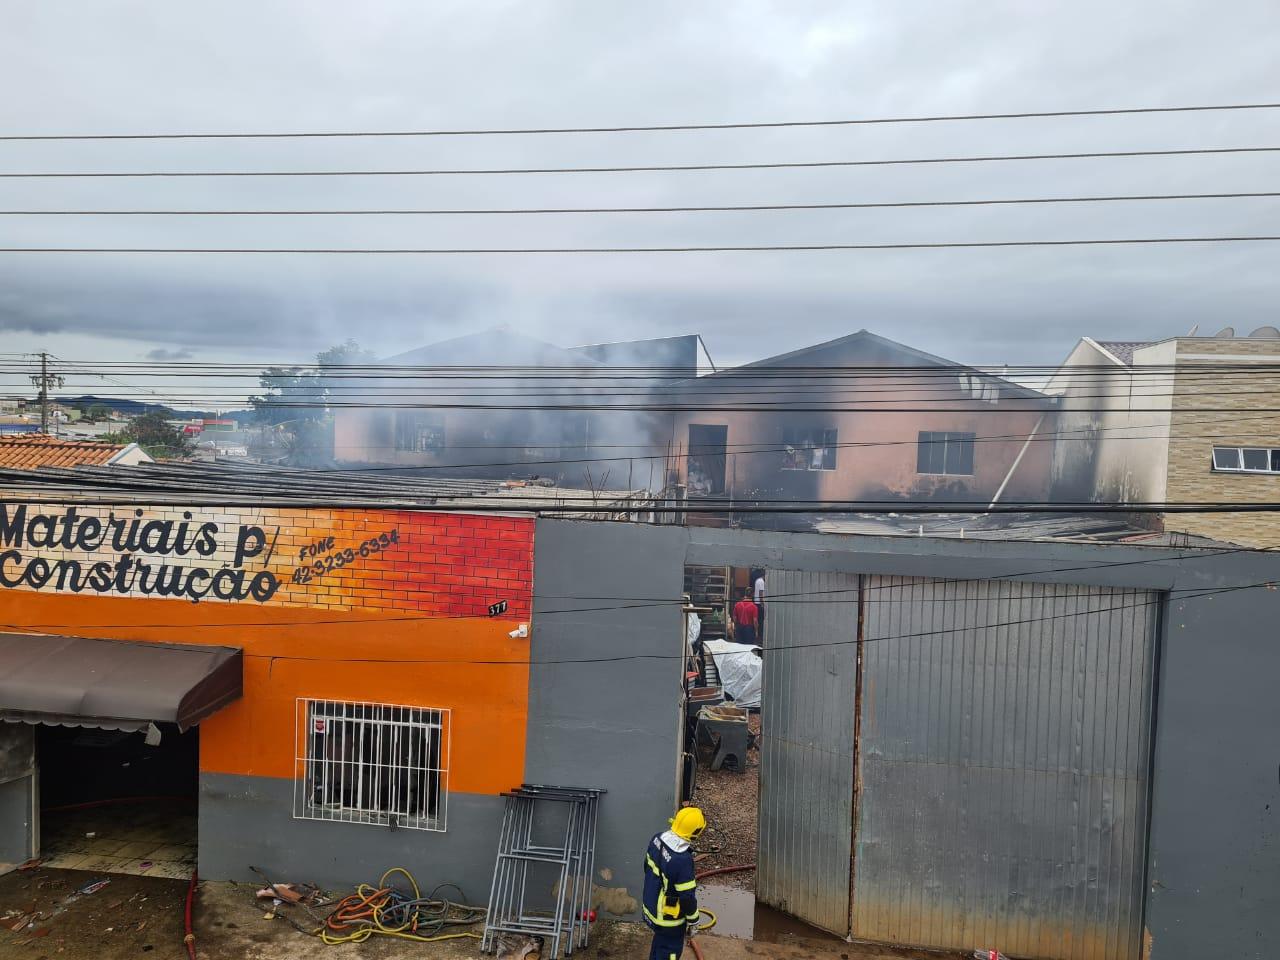 Causa do incêndio em loja de materiais de construção foi pane elétrica